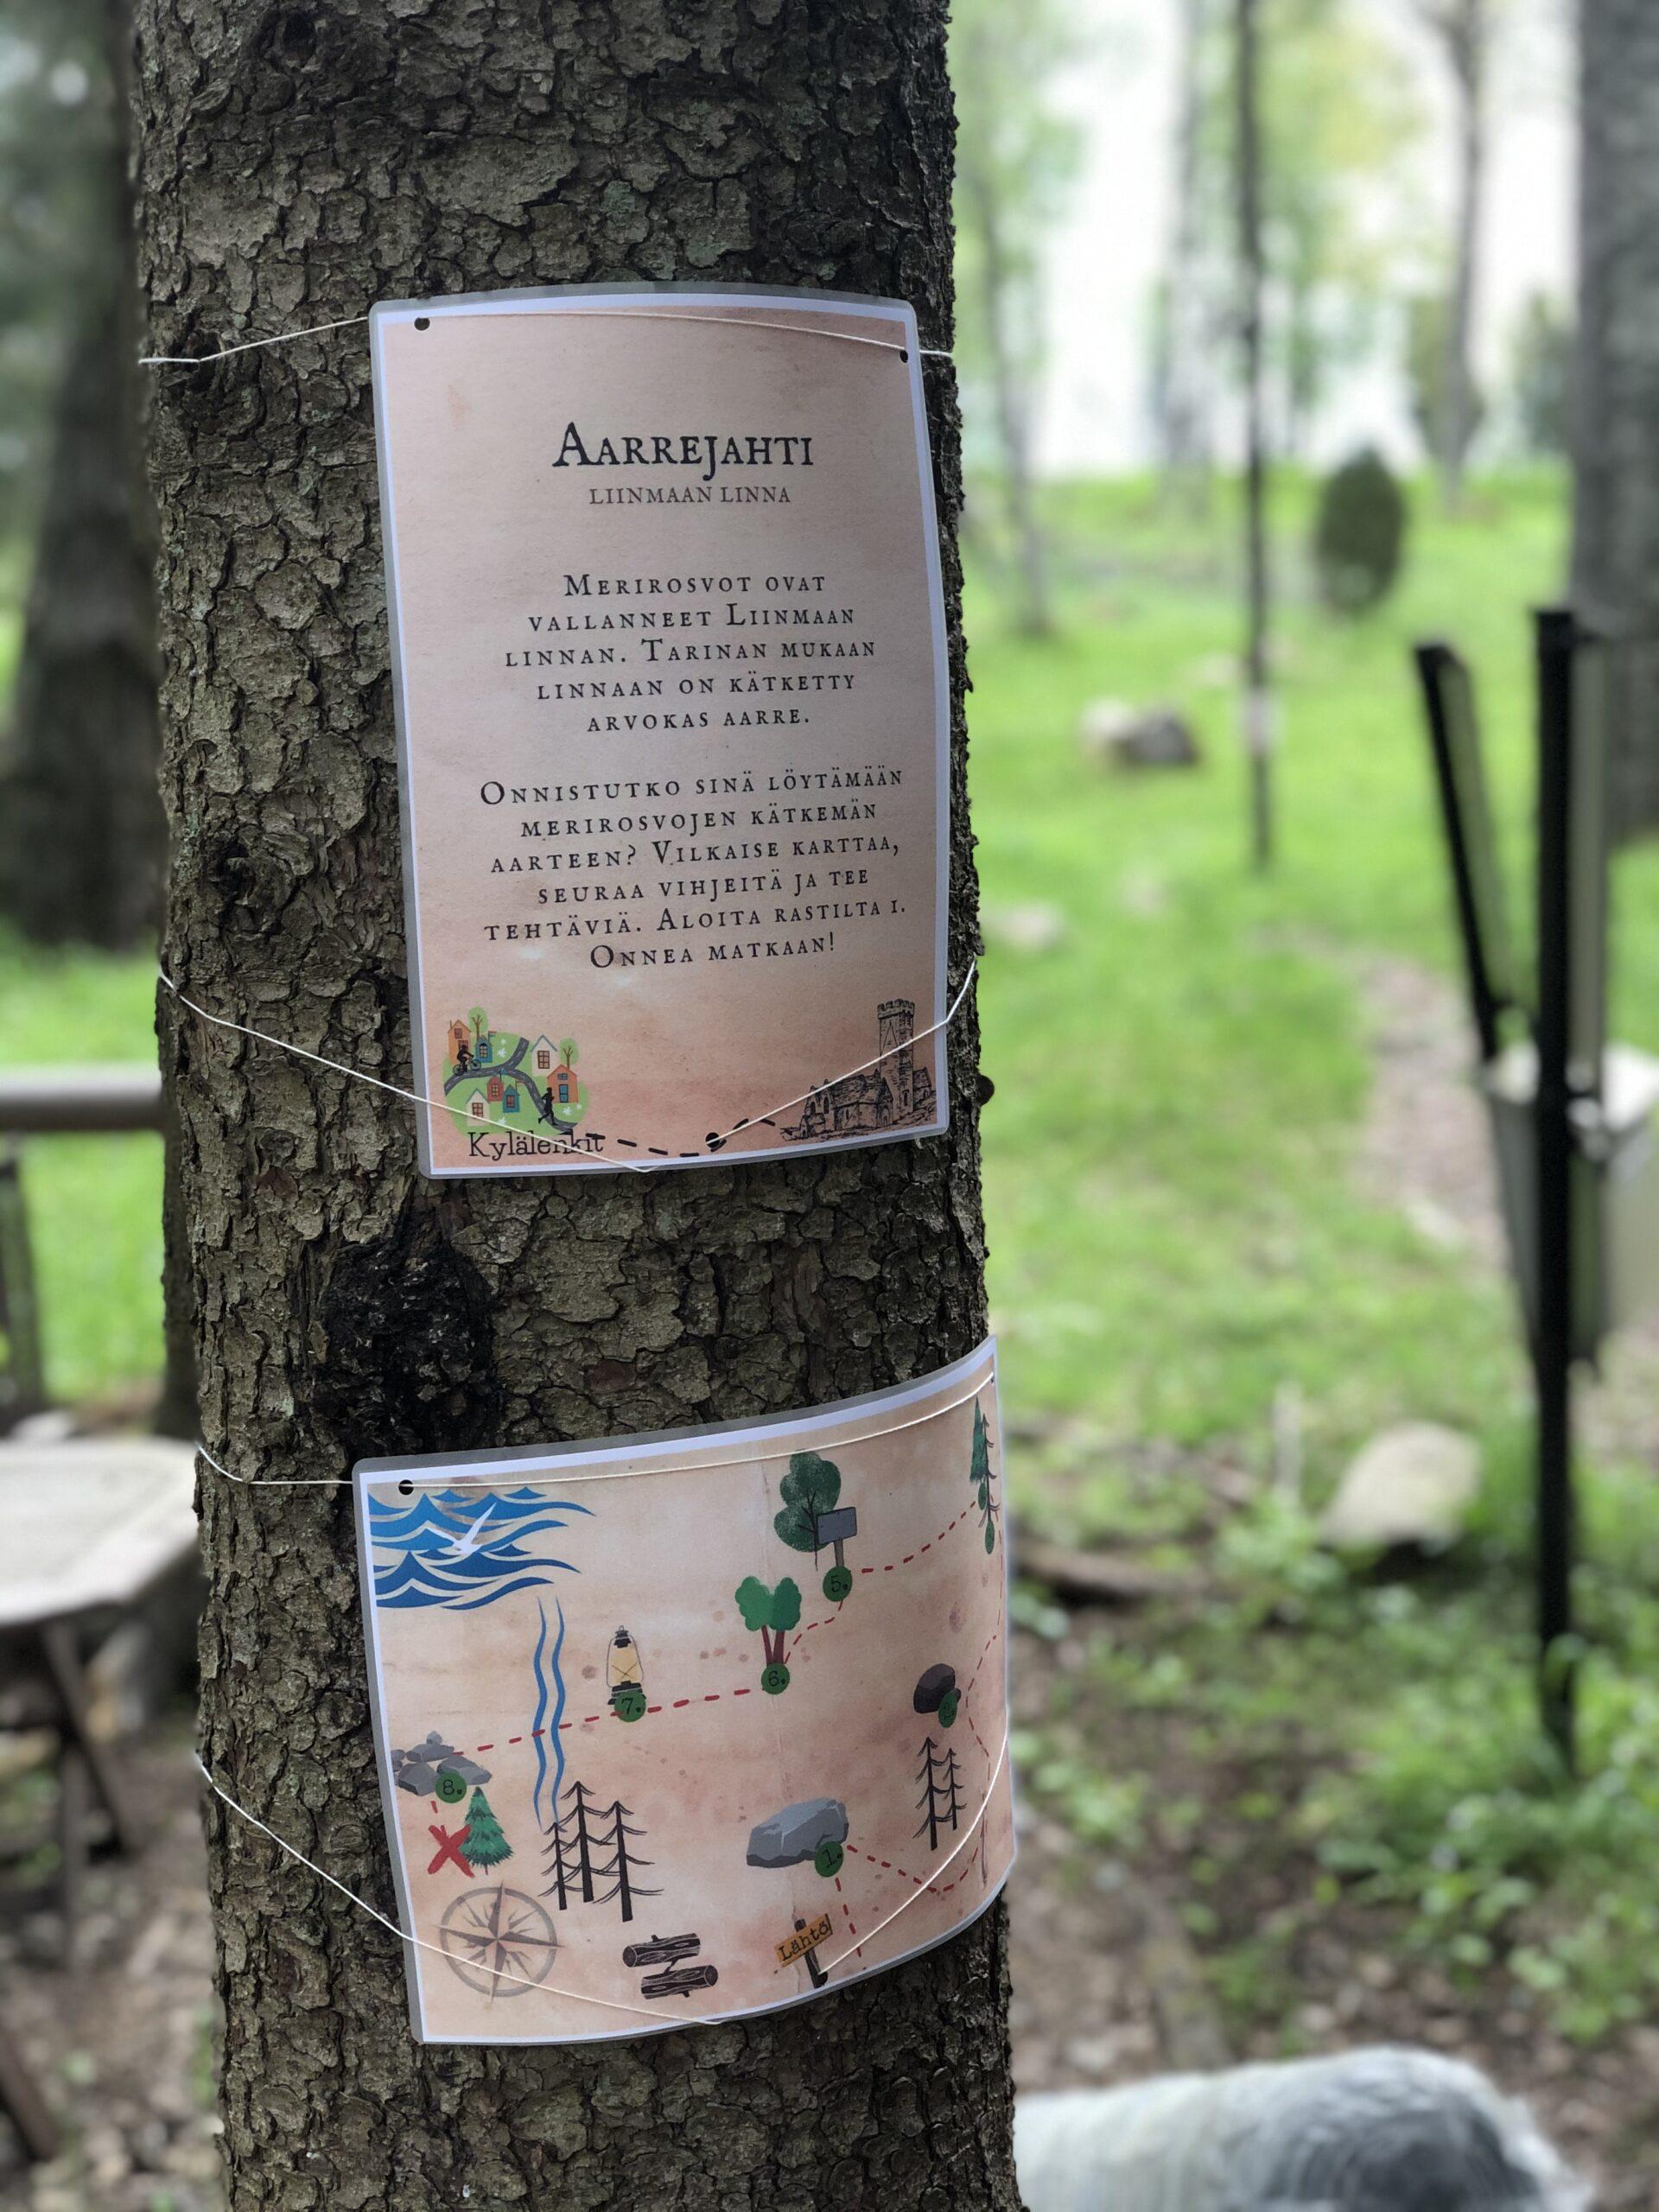 Kuvassa puuhun kiinnitetty kartta ja tekstillä täytetty paperi.